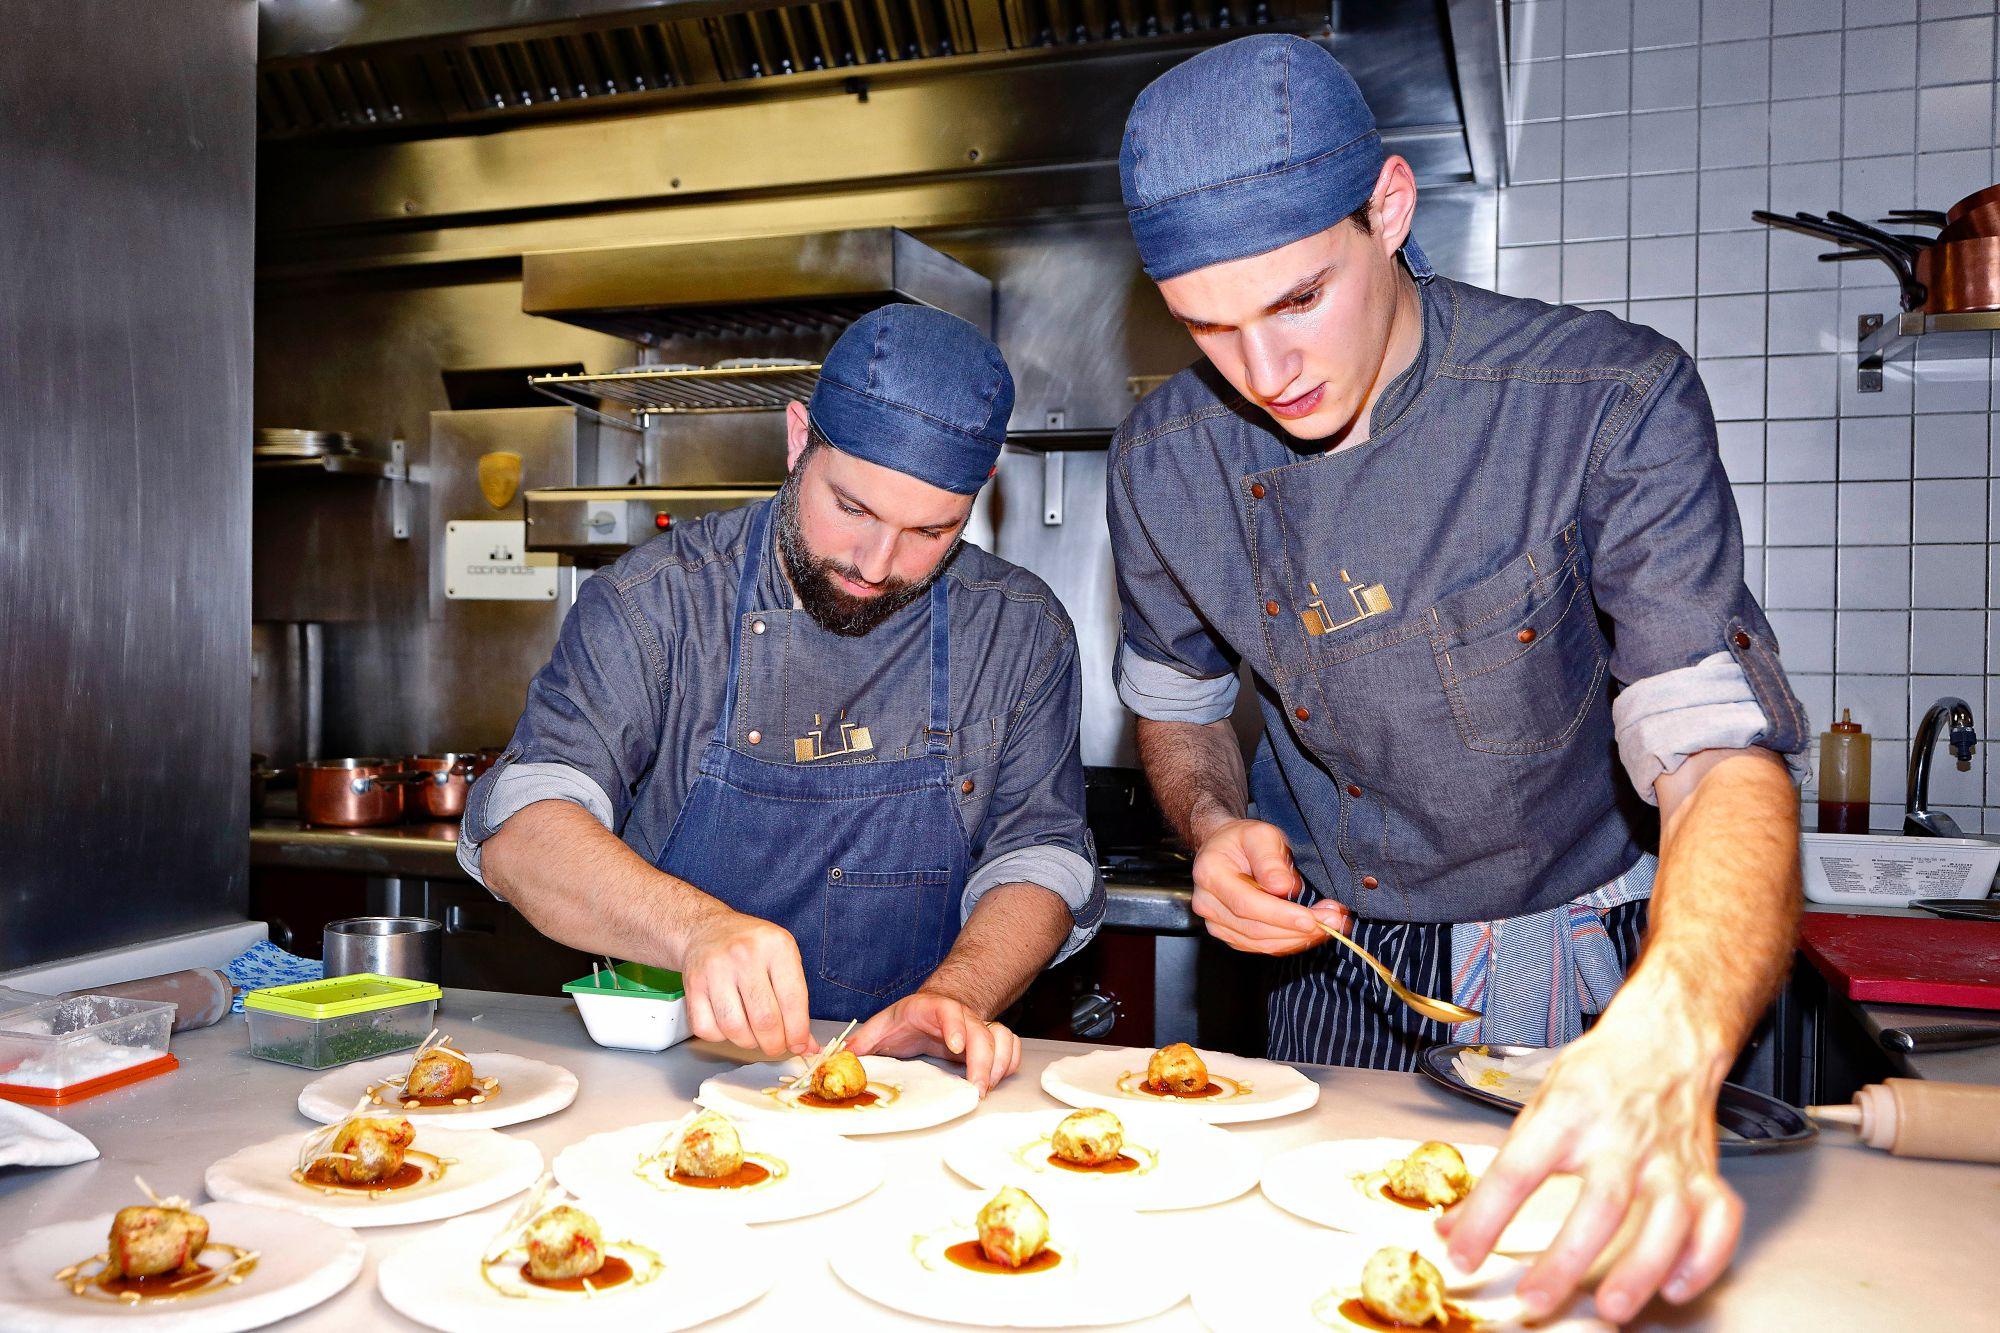 Restaurante 'Cocinandos' (León): Alejandro Cuencas (izq), jefe de cocina, junto a un ayudante.